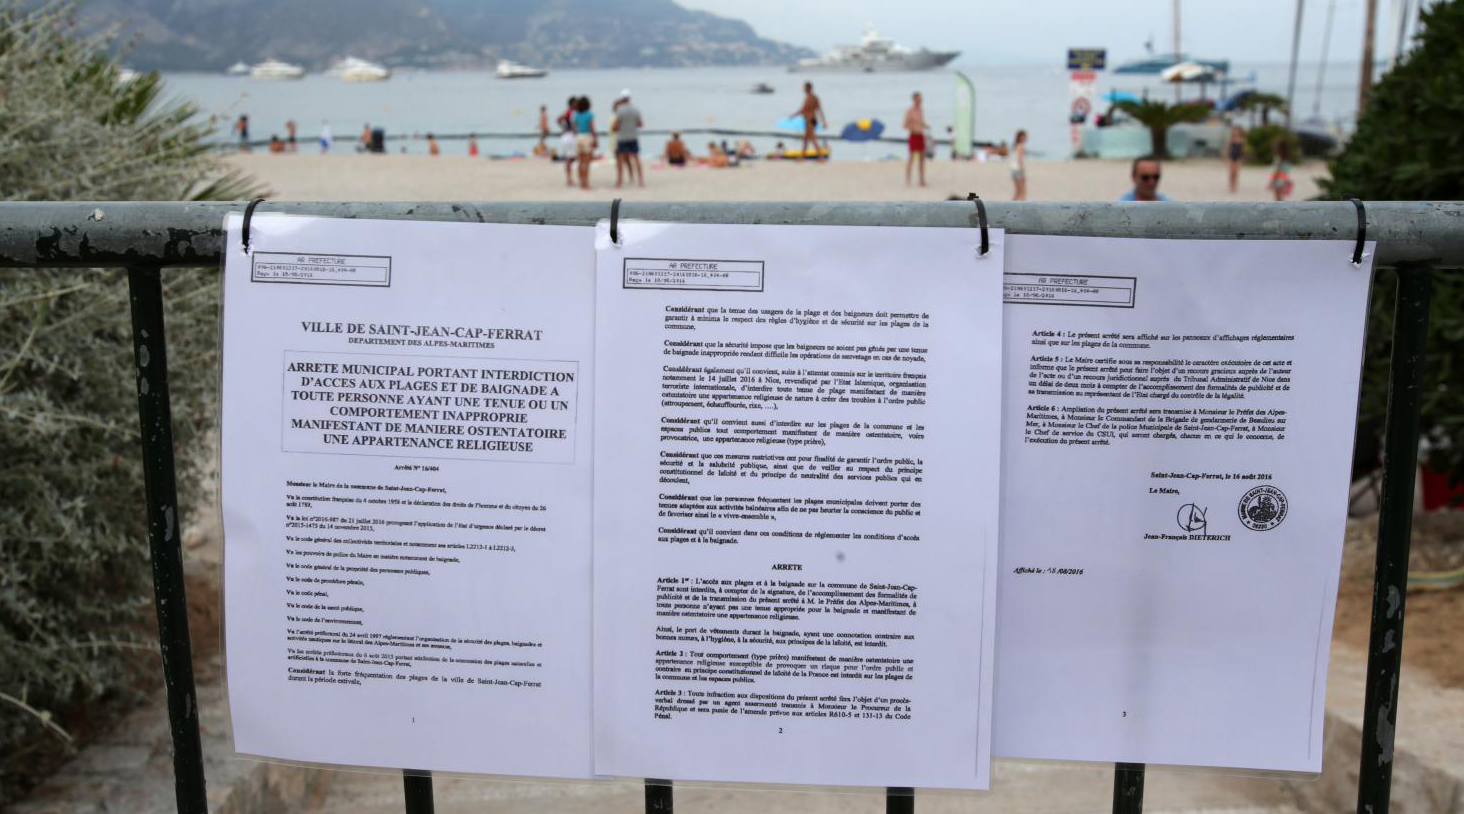 L'arrêté contre le port du burkini affiché devant la page de Saint-Jean Cap Ferrat (Alpes-Maritimes), le 19 août 2016.